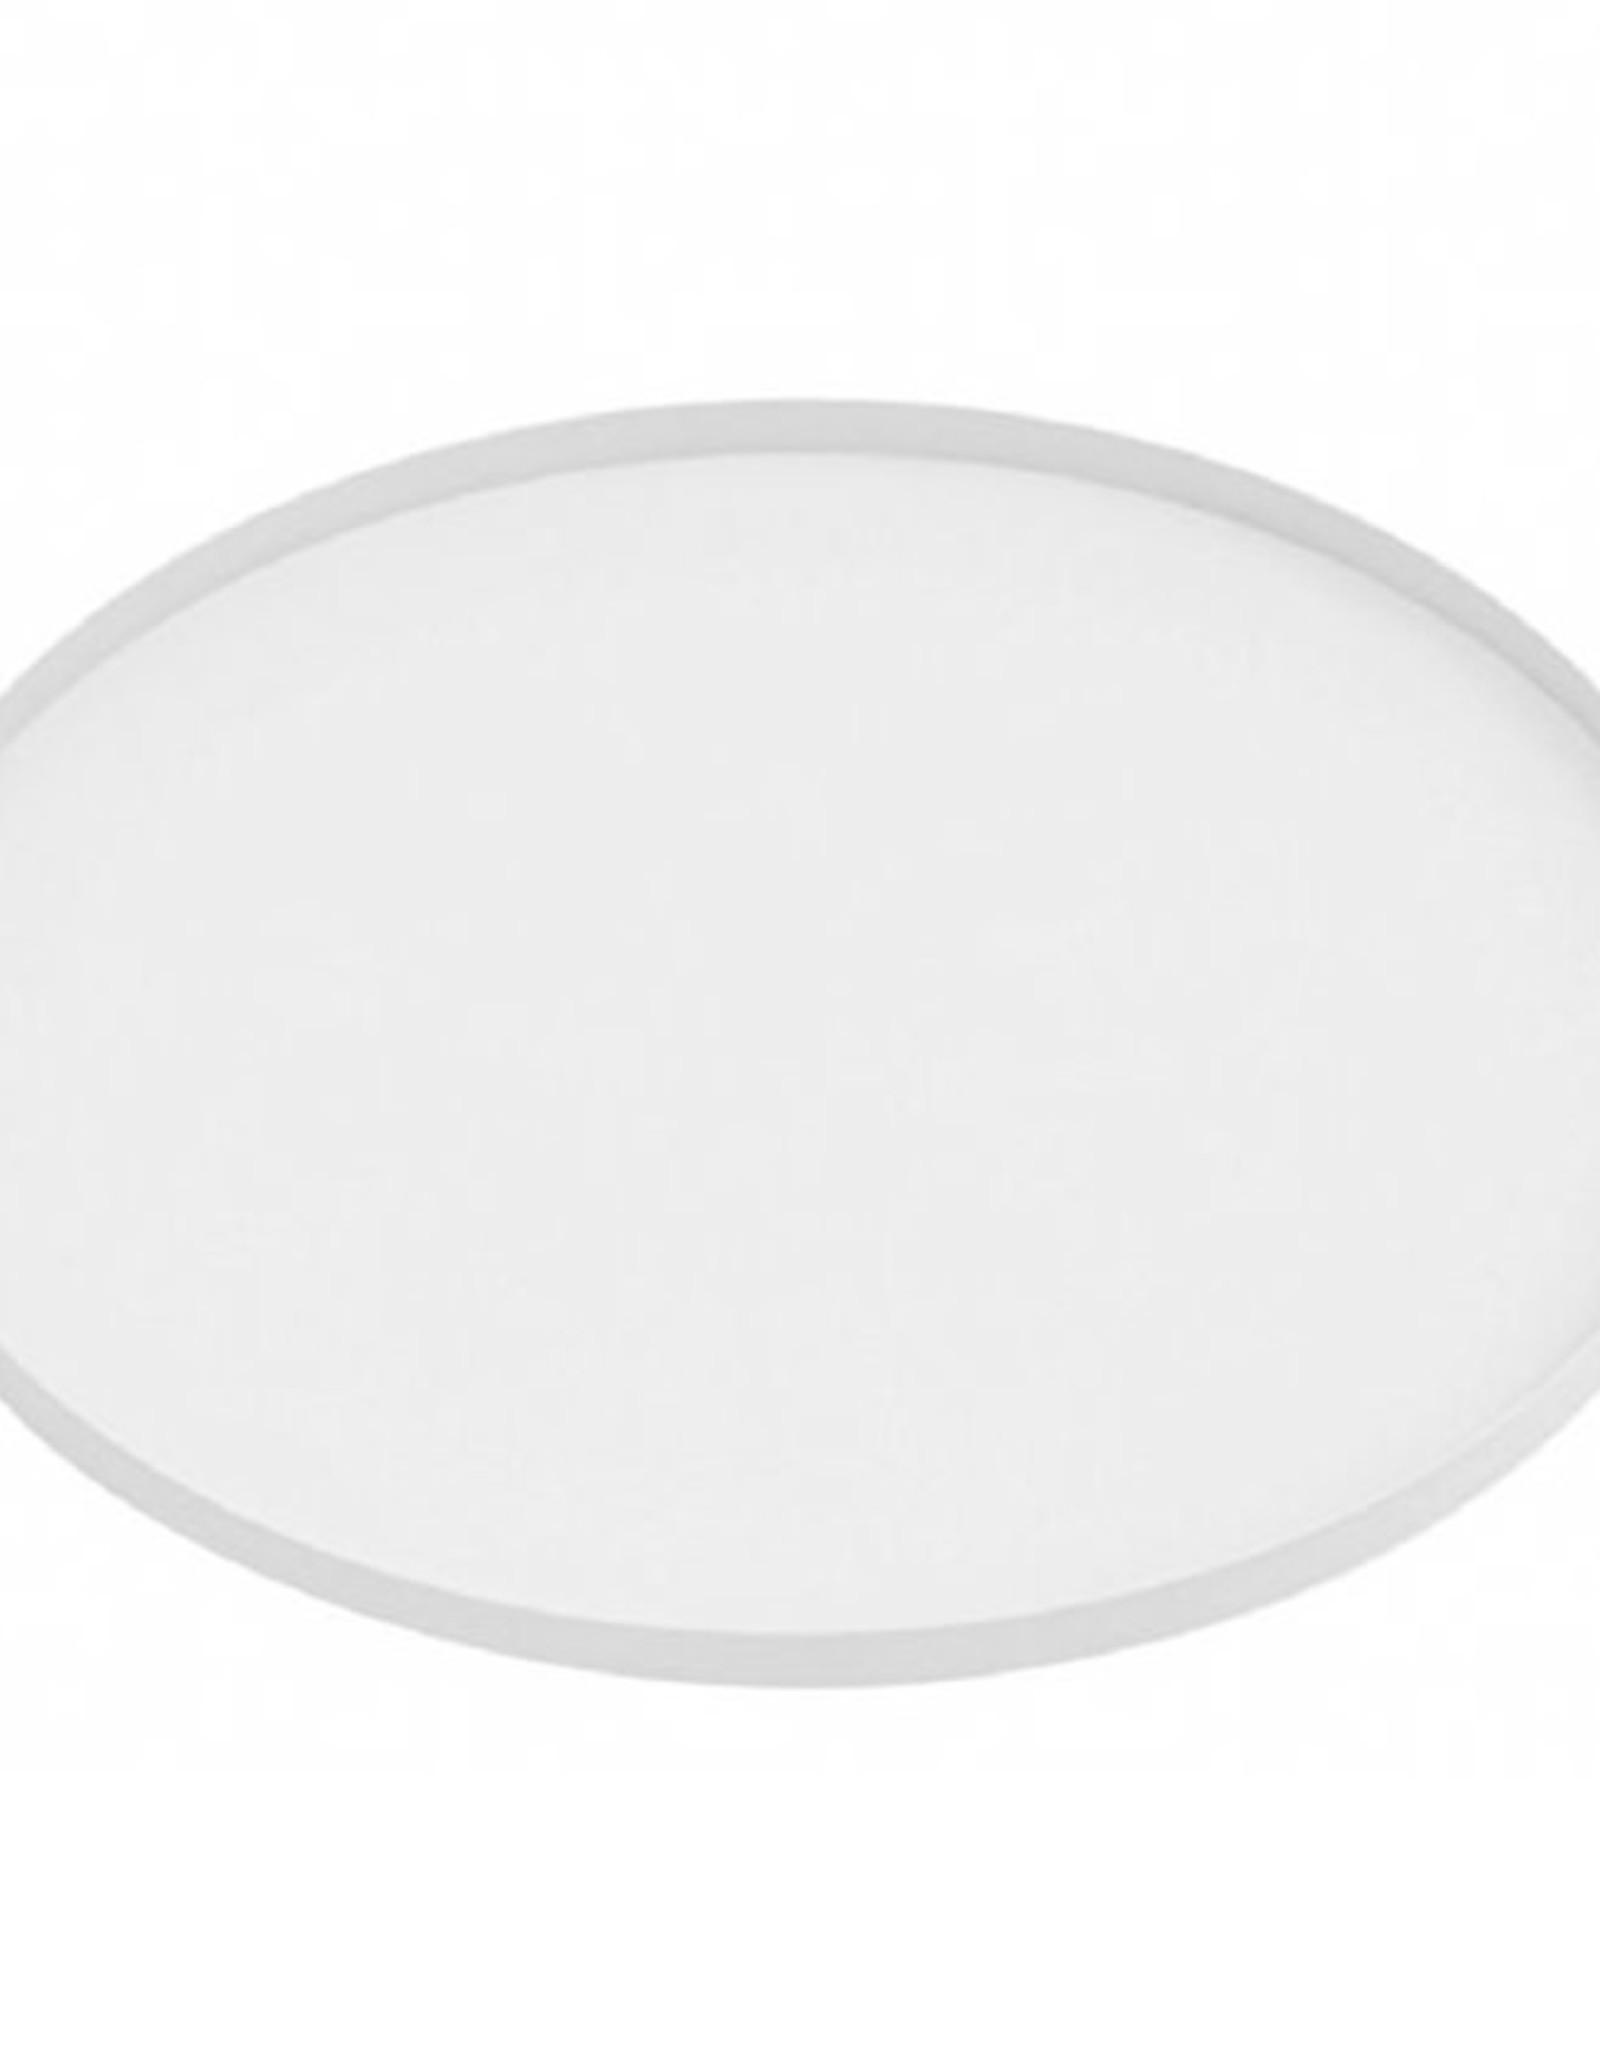 Tray Round Iron 39,5cm-white